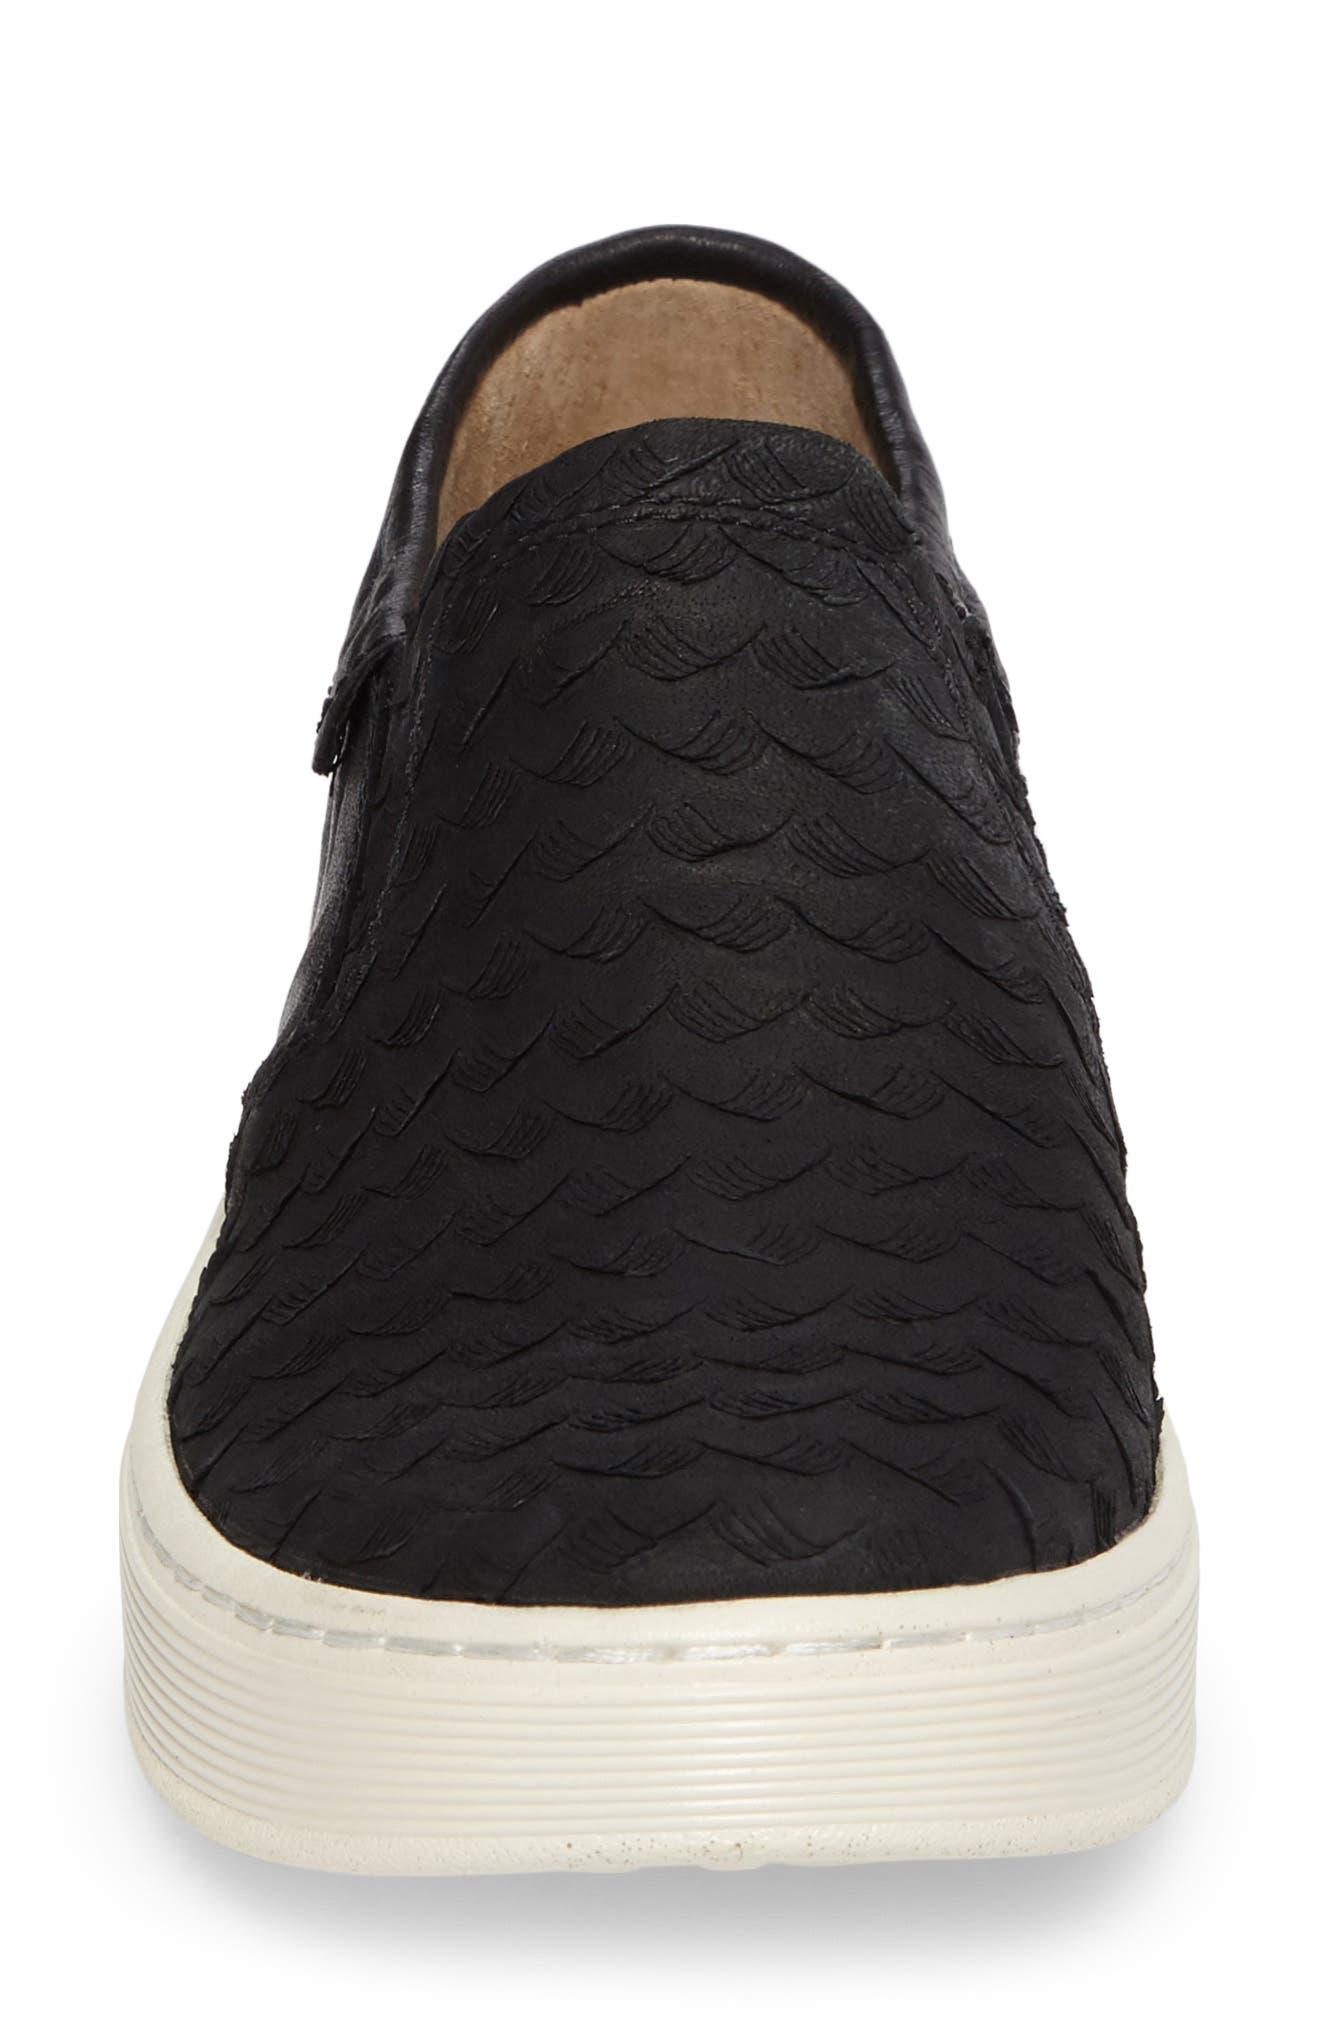 Somers II Slip-on Sneaker,                             Alternate thumbnail 4, color,                             002